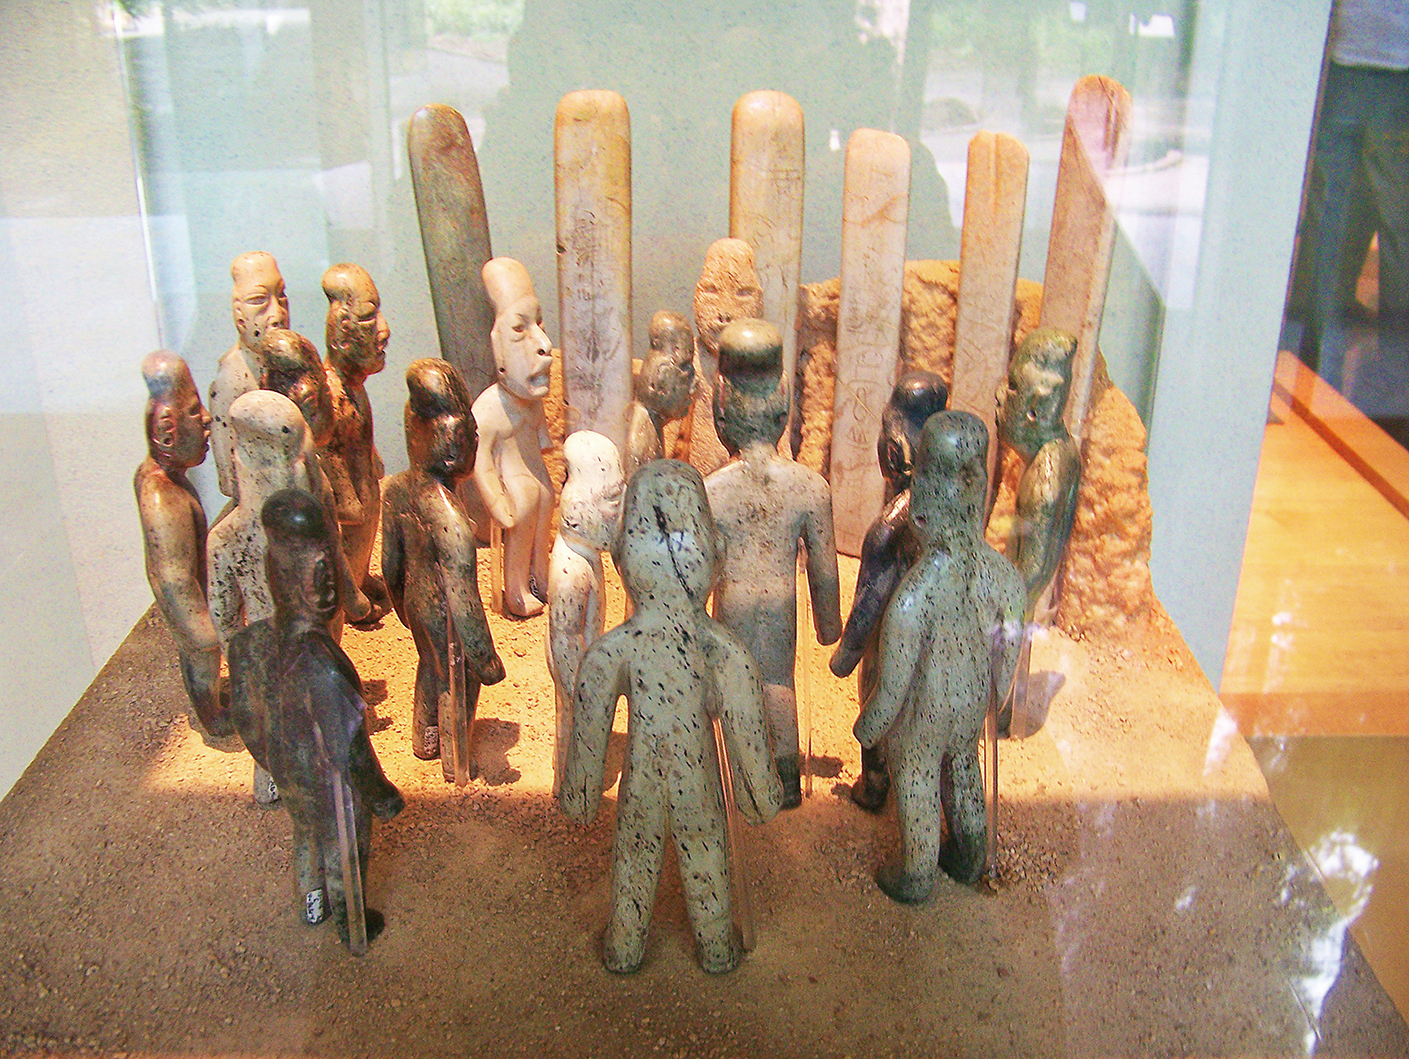 在墨西哥奧爾梅克文化遺址發掘的16尊玉雕像和6根玉圭。(Jami Dwyer/維基百科)